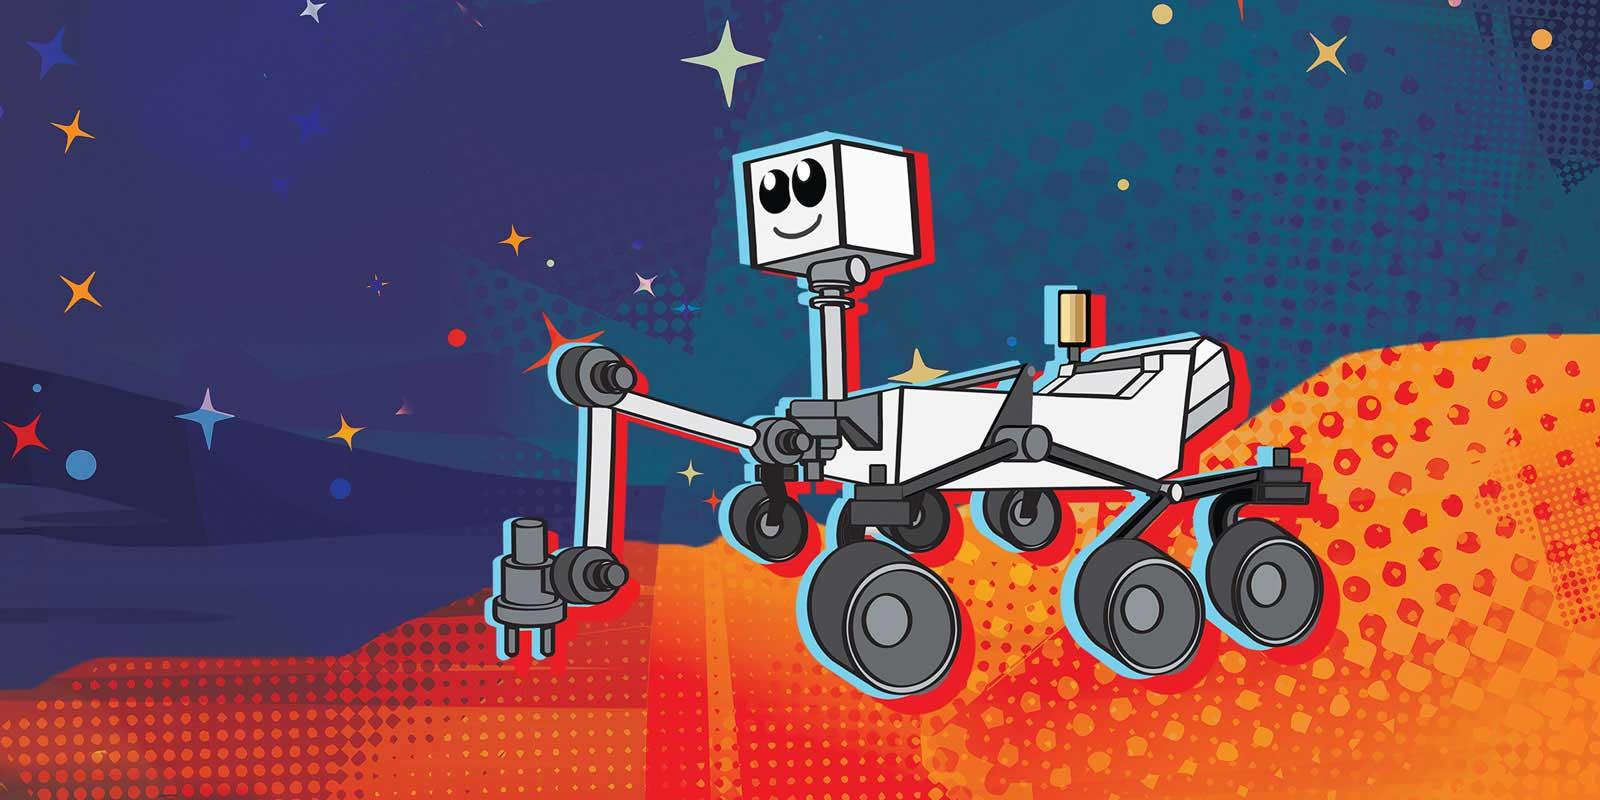 Упорство иотвага: NASA предложила землянам выбрать имя для нового марсохода